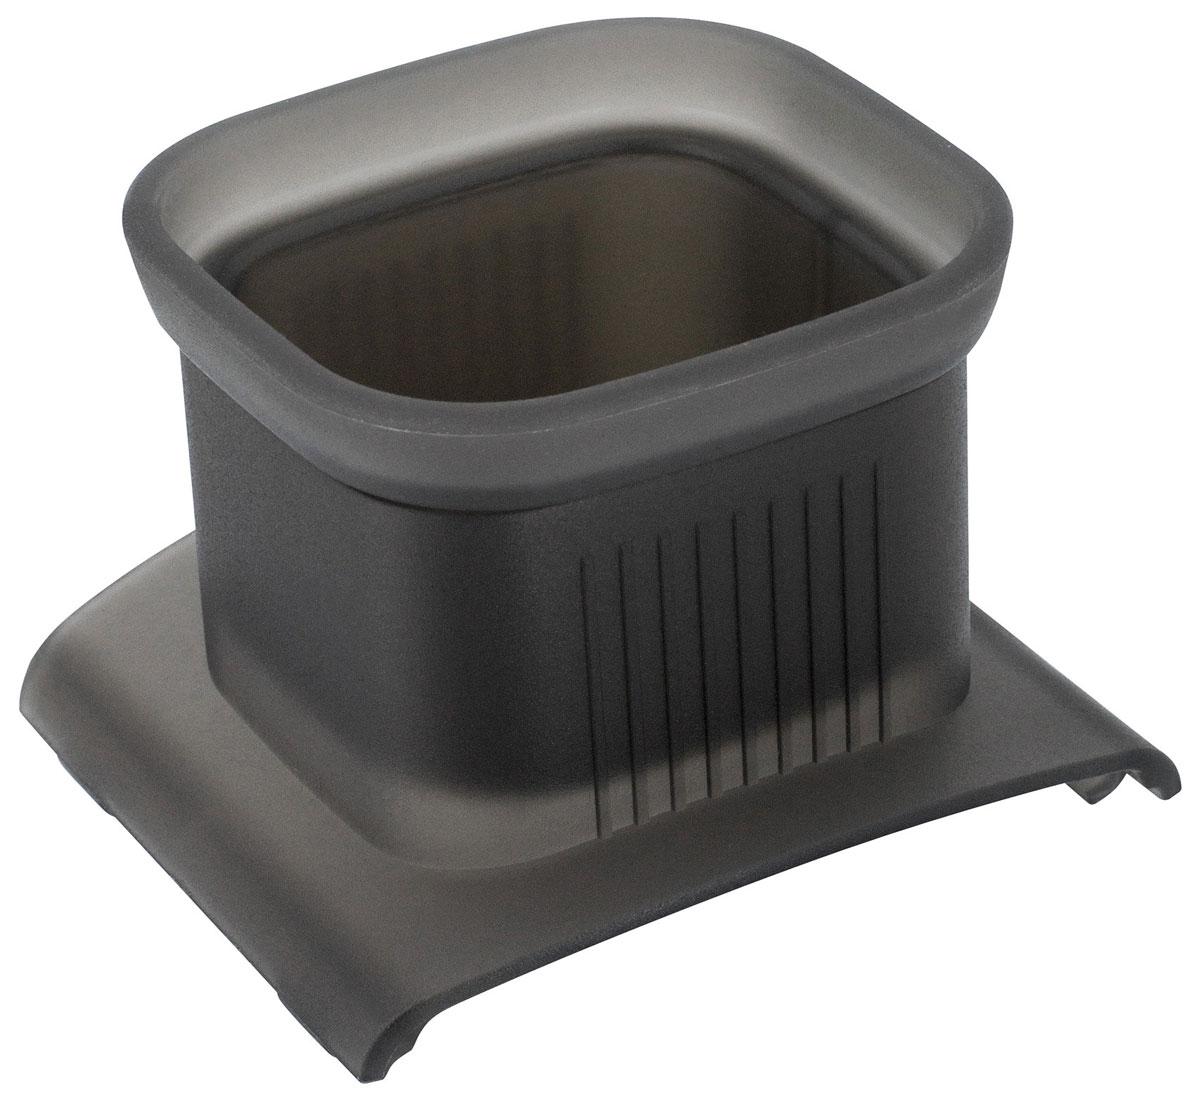 Ограничитель для терки Horwood Stellar, длина 6 смSK88Ограничитель для терки Horwood Stellar используется для защиты рук при натирании овощей. Изделие выполнено из высококачественного пищевого пластика.Можно мыть в посудомоечной машине. Размер ограничителя: 5,5 см х 5,5 см х 6 см.